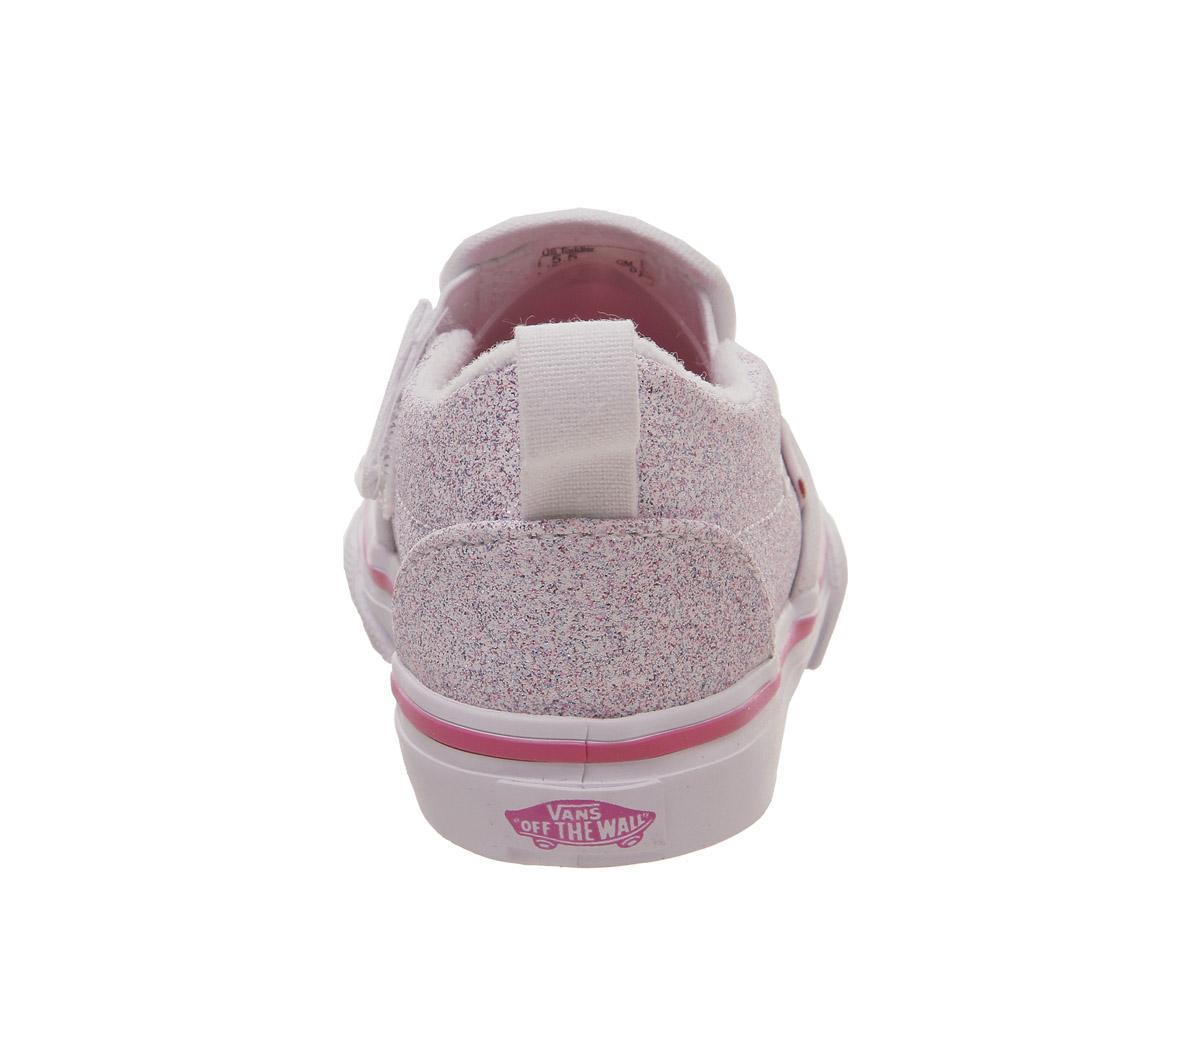 04d8137db38 Kids Vans Classic Slip On Toddlers True White Carmine Rose Glitter ...